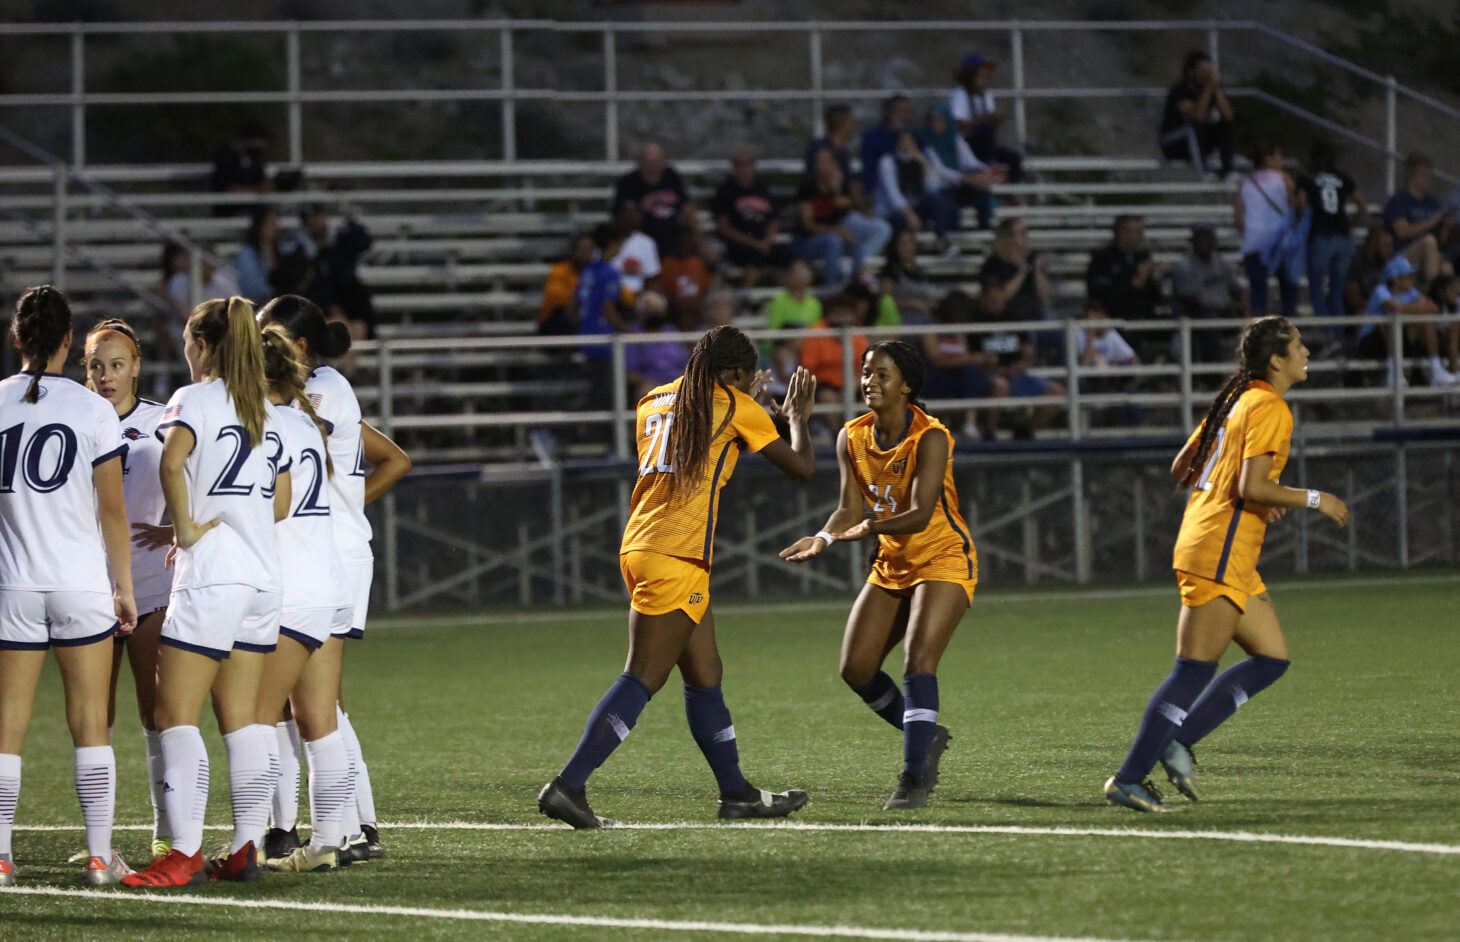 UTEP celebrates a goal | Photo by Ruben R. Ramirez – UTEP